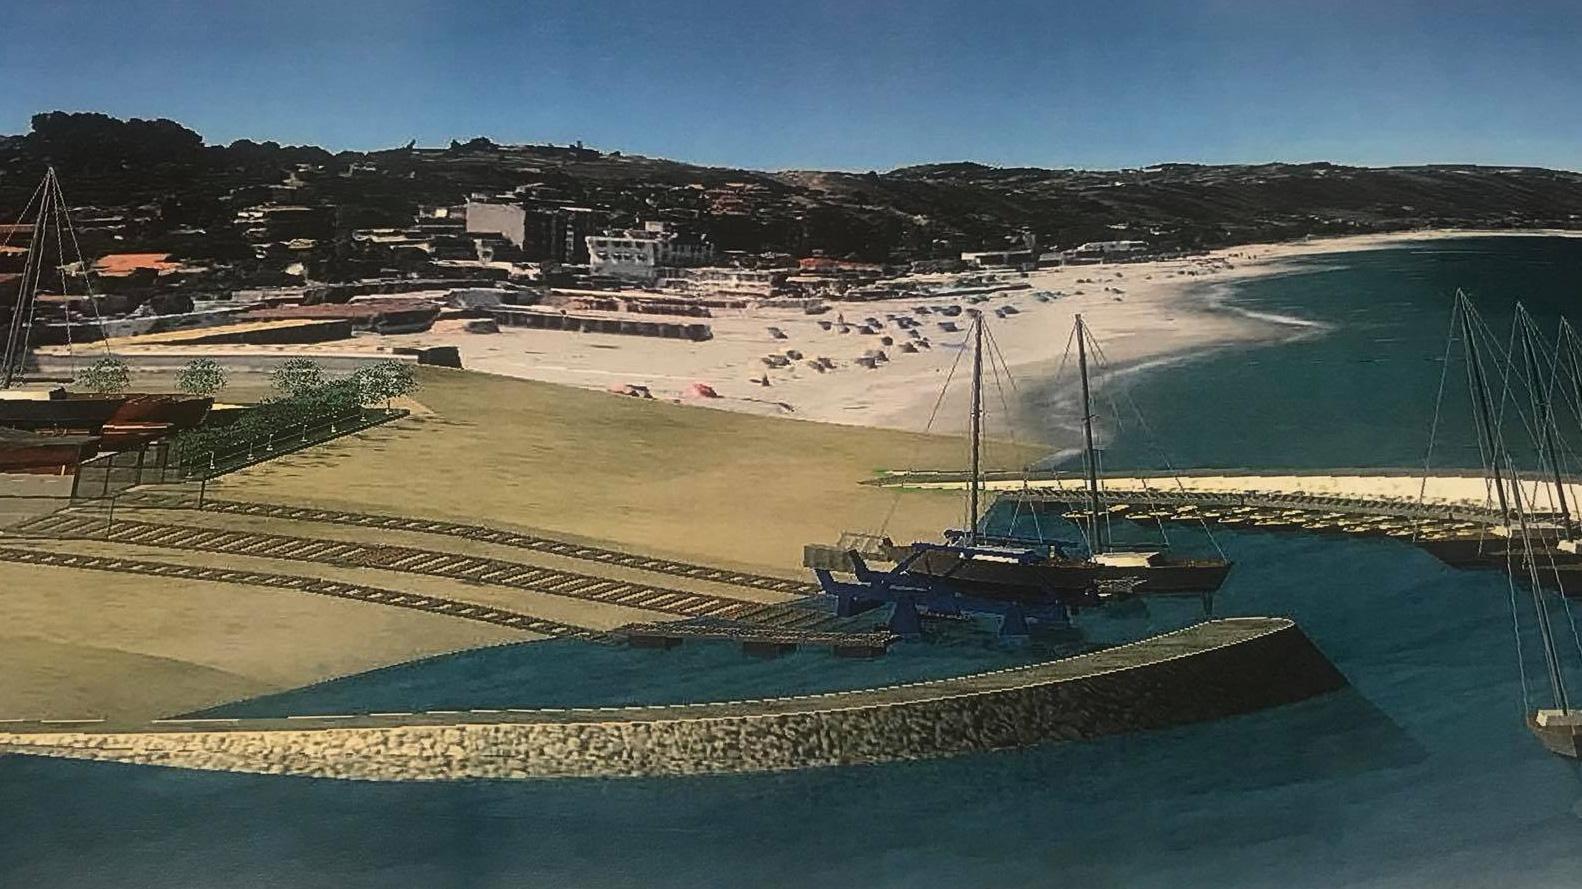 progetto da 16 milioni di euro per la realizzazione di porticcioli sul litorale di messina